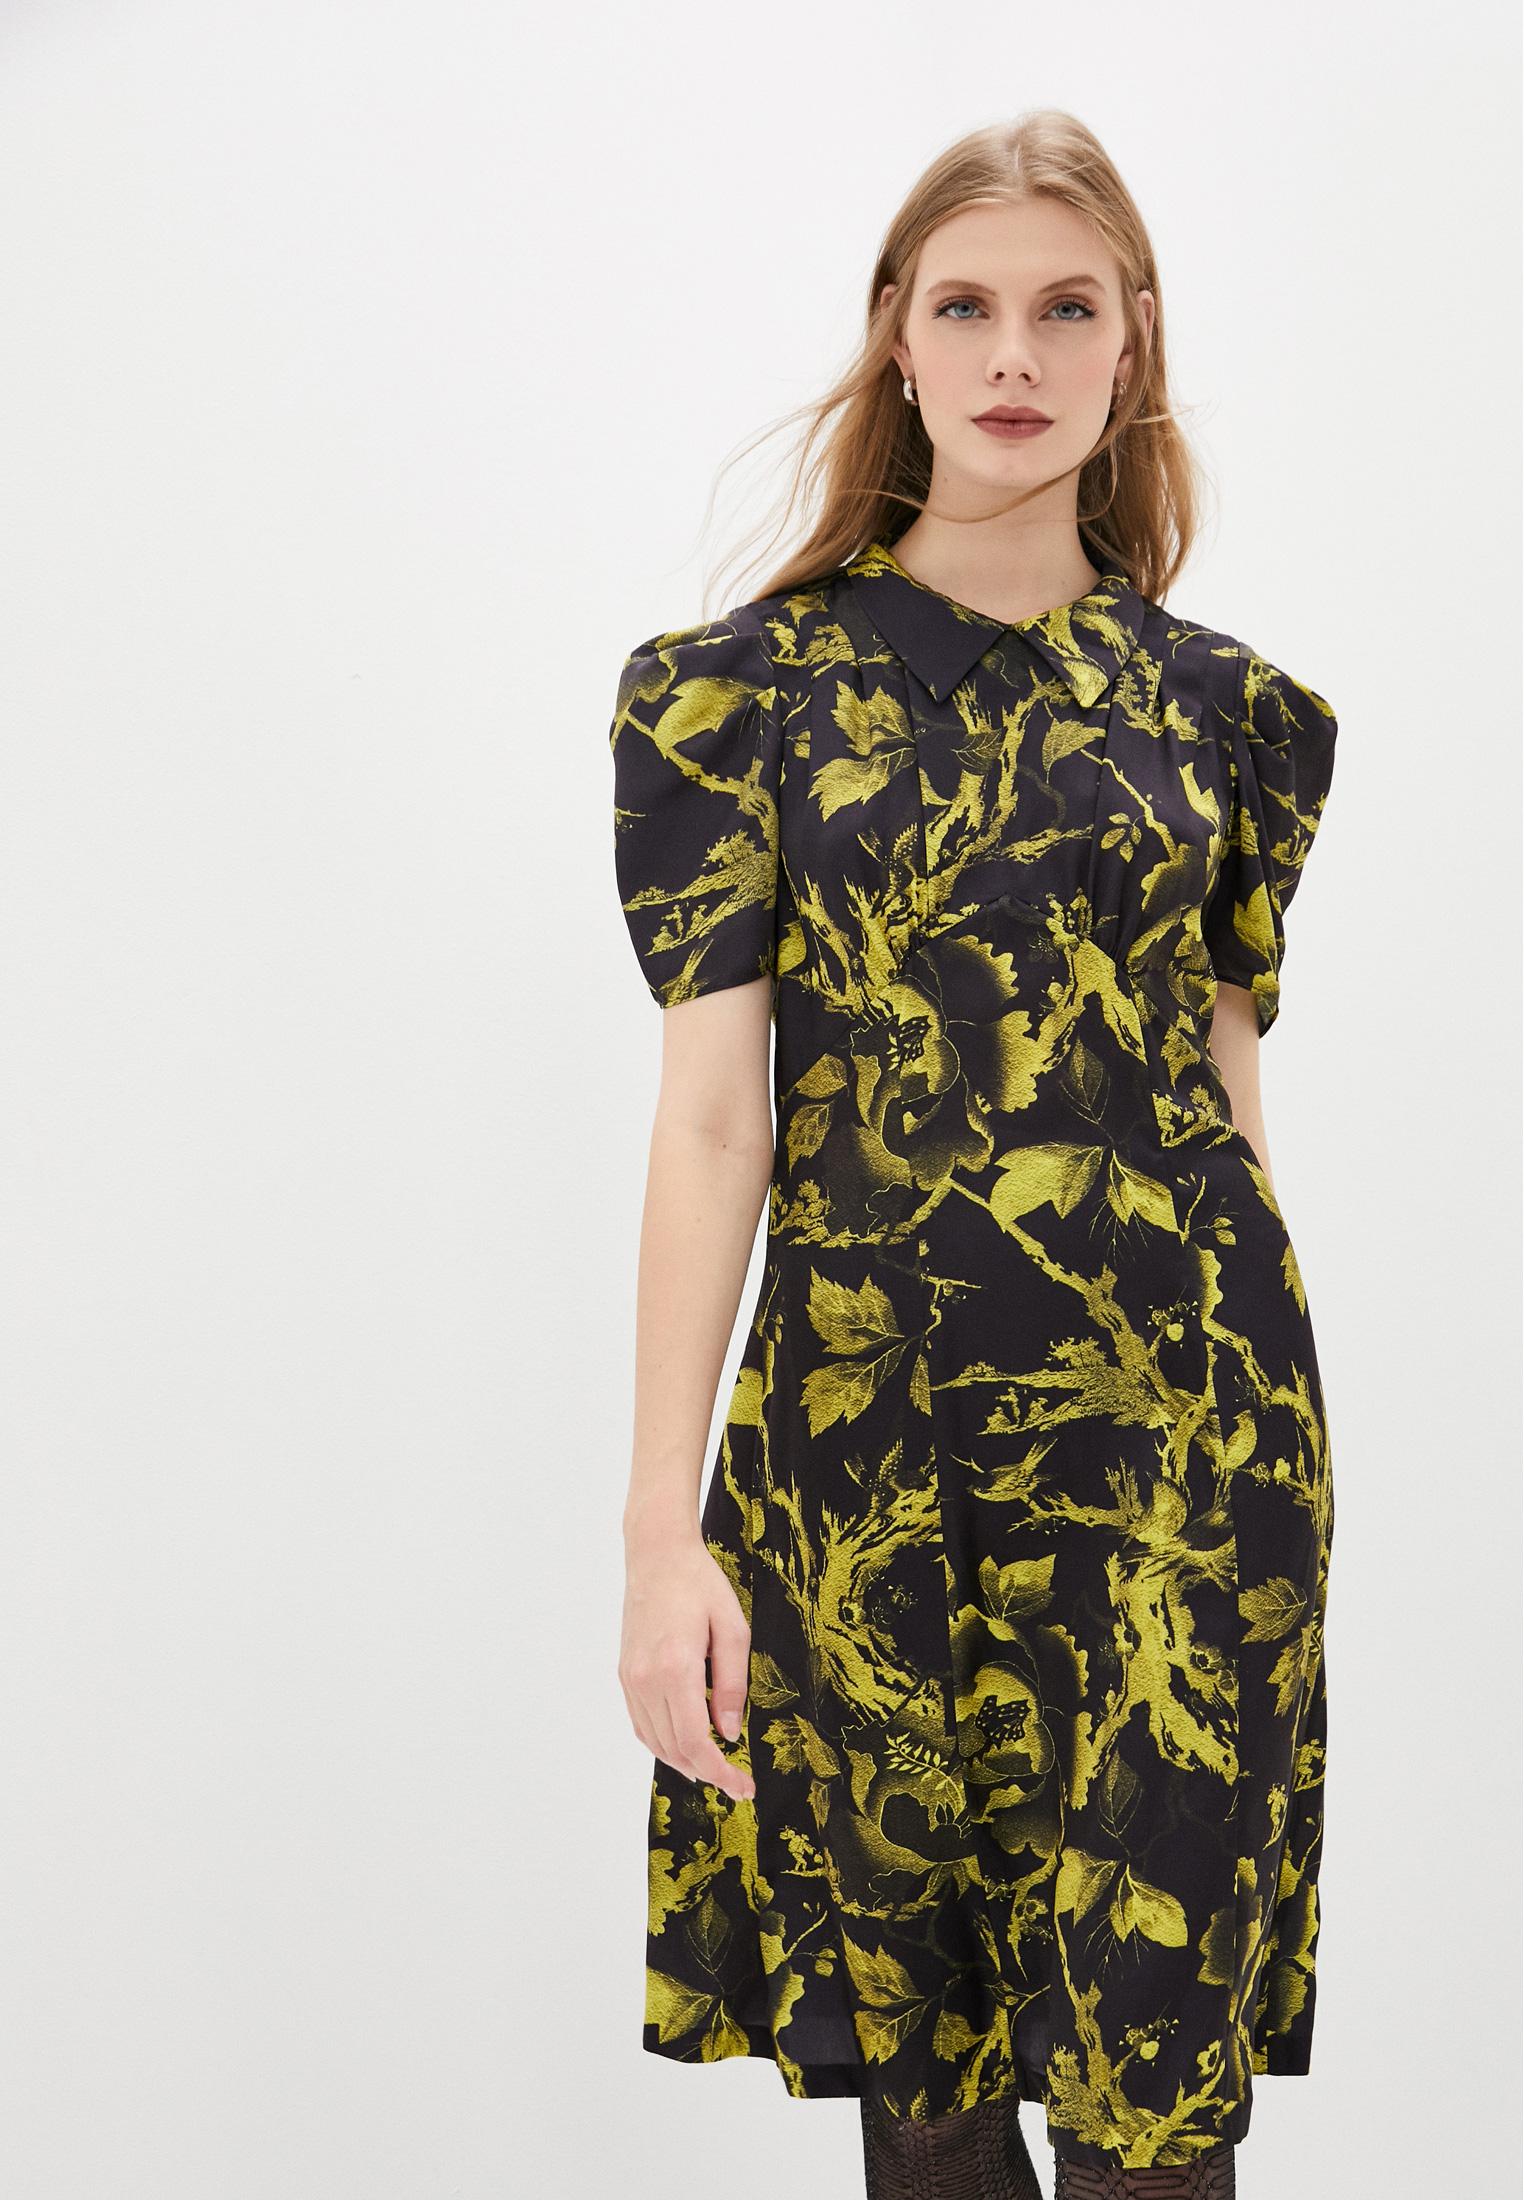 Повседневное платье McQ Alexander McQueen Платье McQ Alexander McQueen